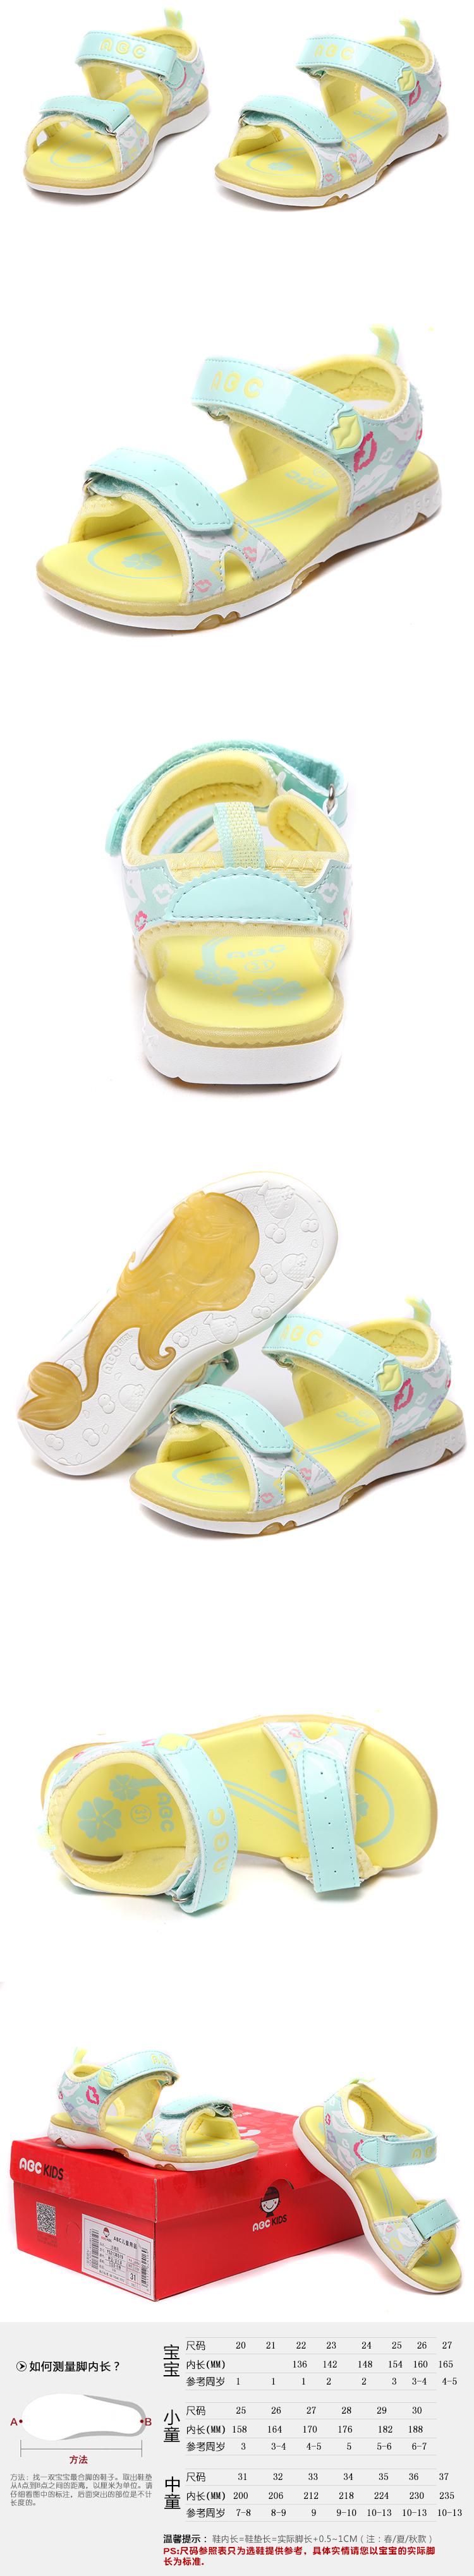 女宝宝鞋矢量图